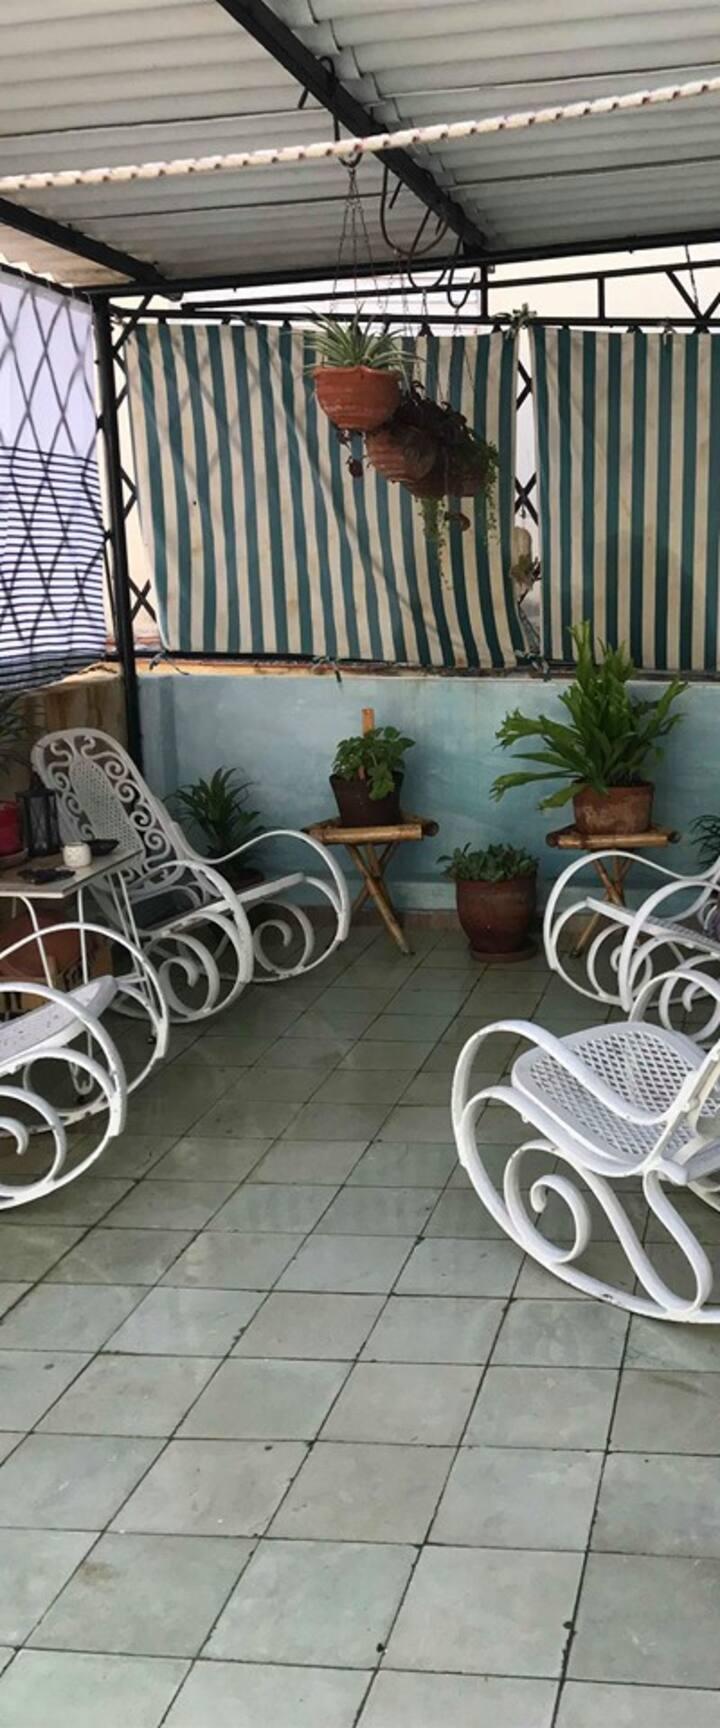 Lovely room in Havana